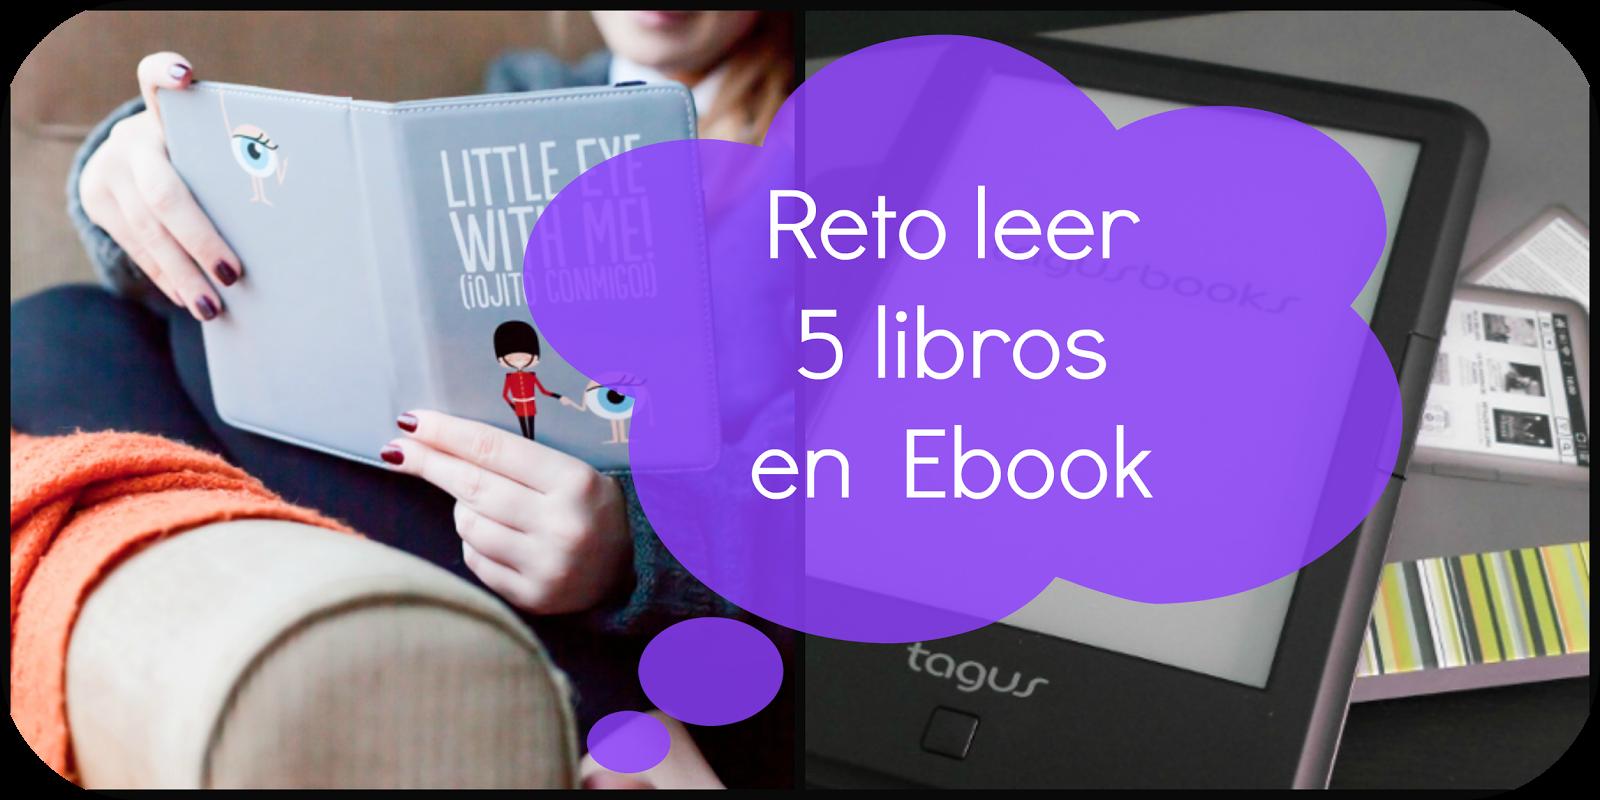 Reto Leer 5 libros en Ebook